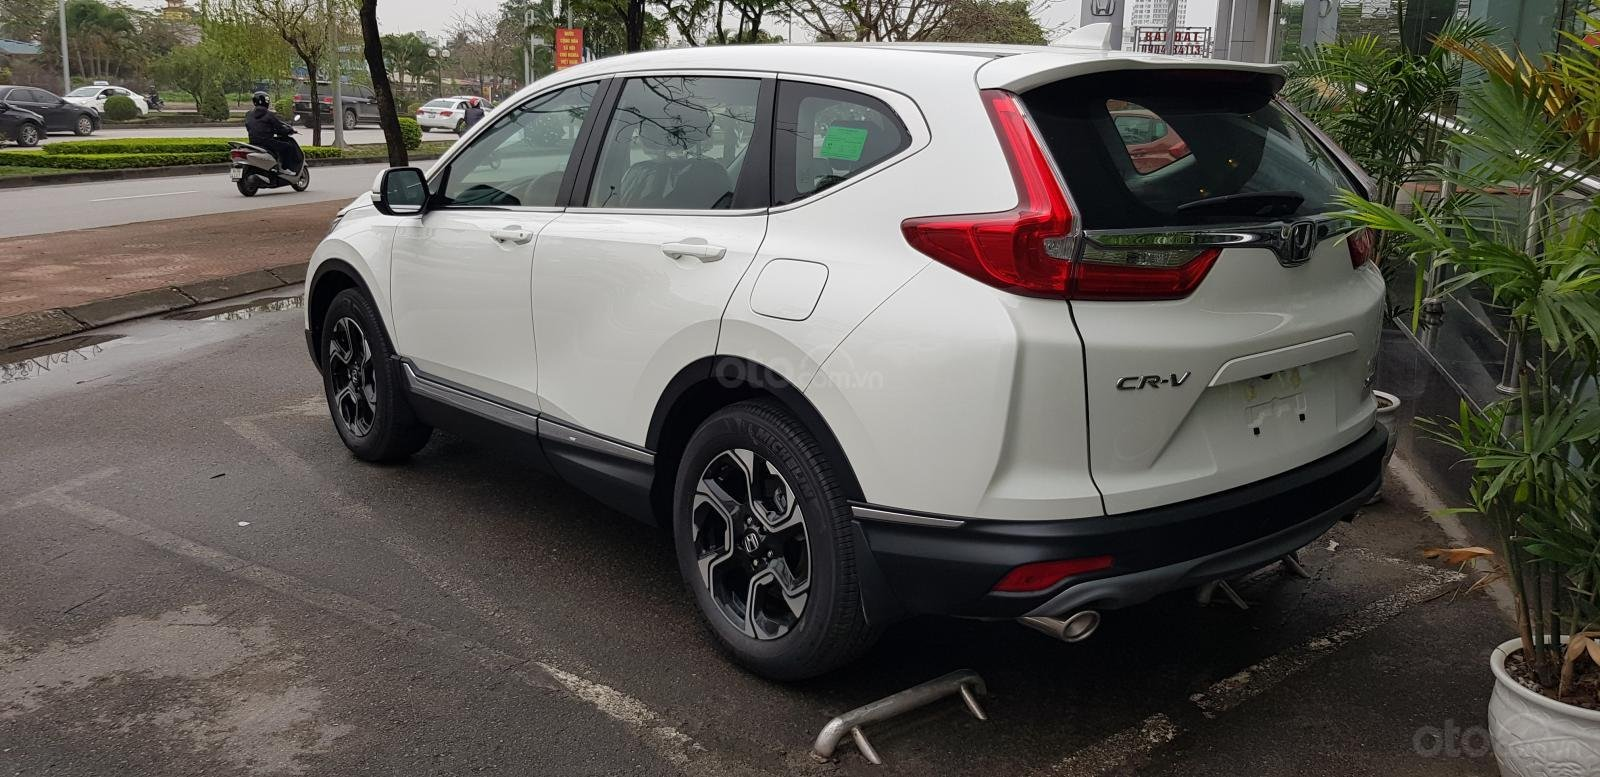 [Honda ô tô Hải Phòng] bán xe Honda CR-V 1.5G - Giá tốt nhất - Hotline: 094.964.1093 (3)